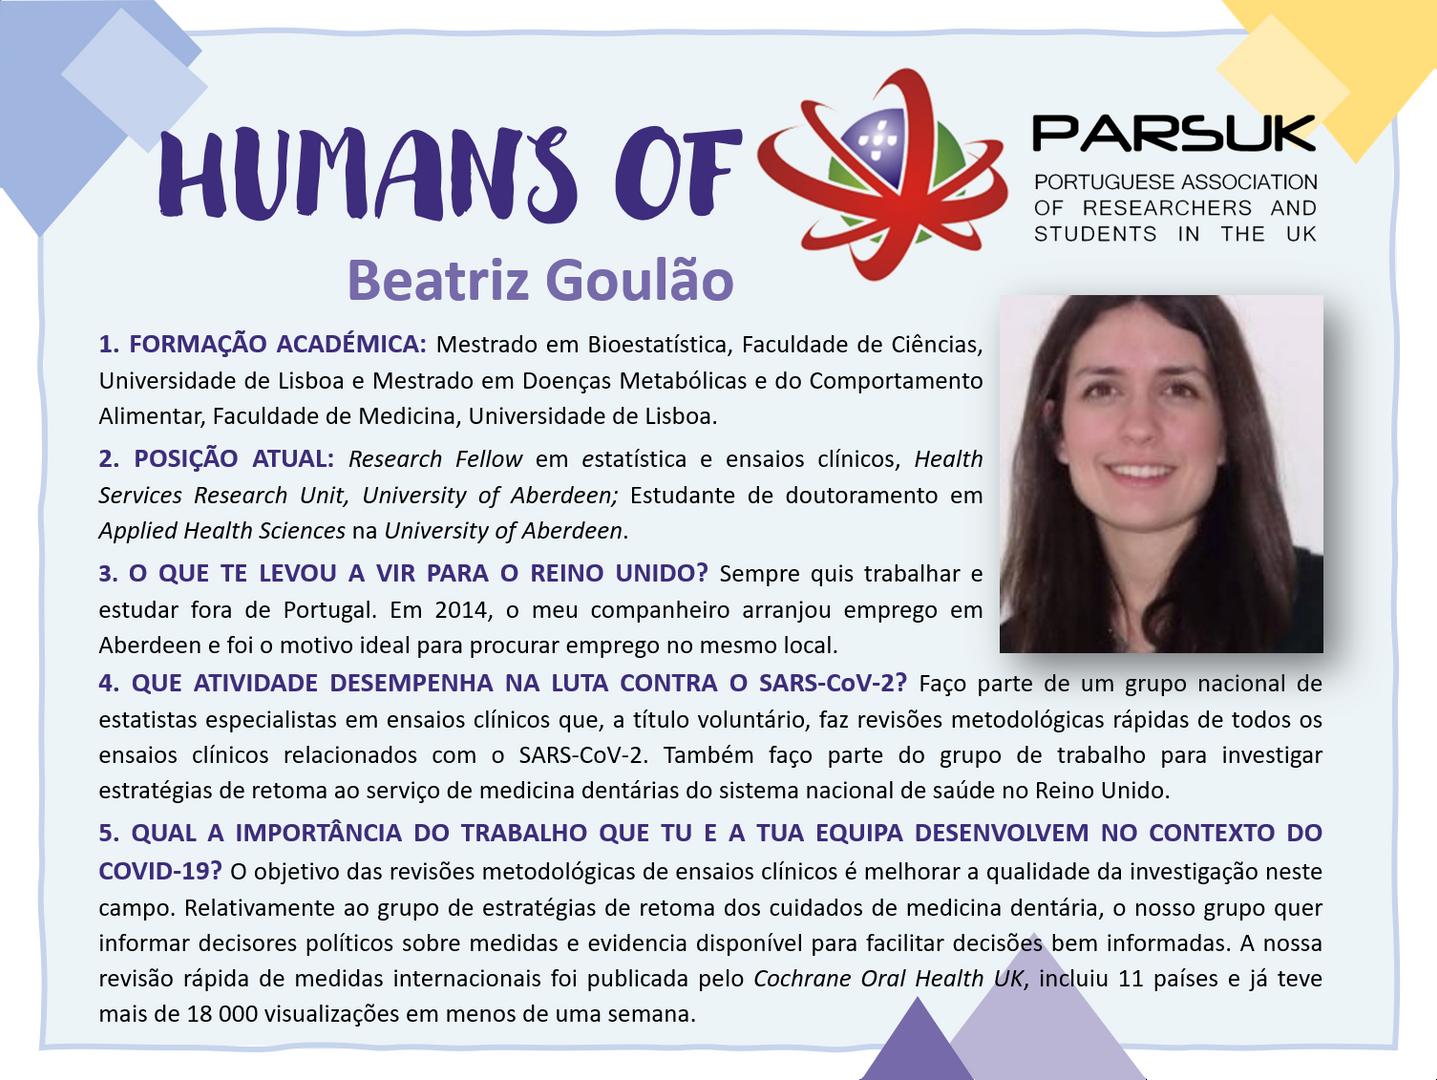 10.Beatriz Goulão.png